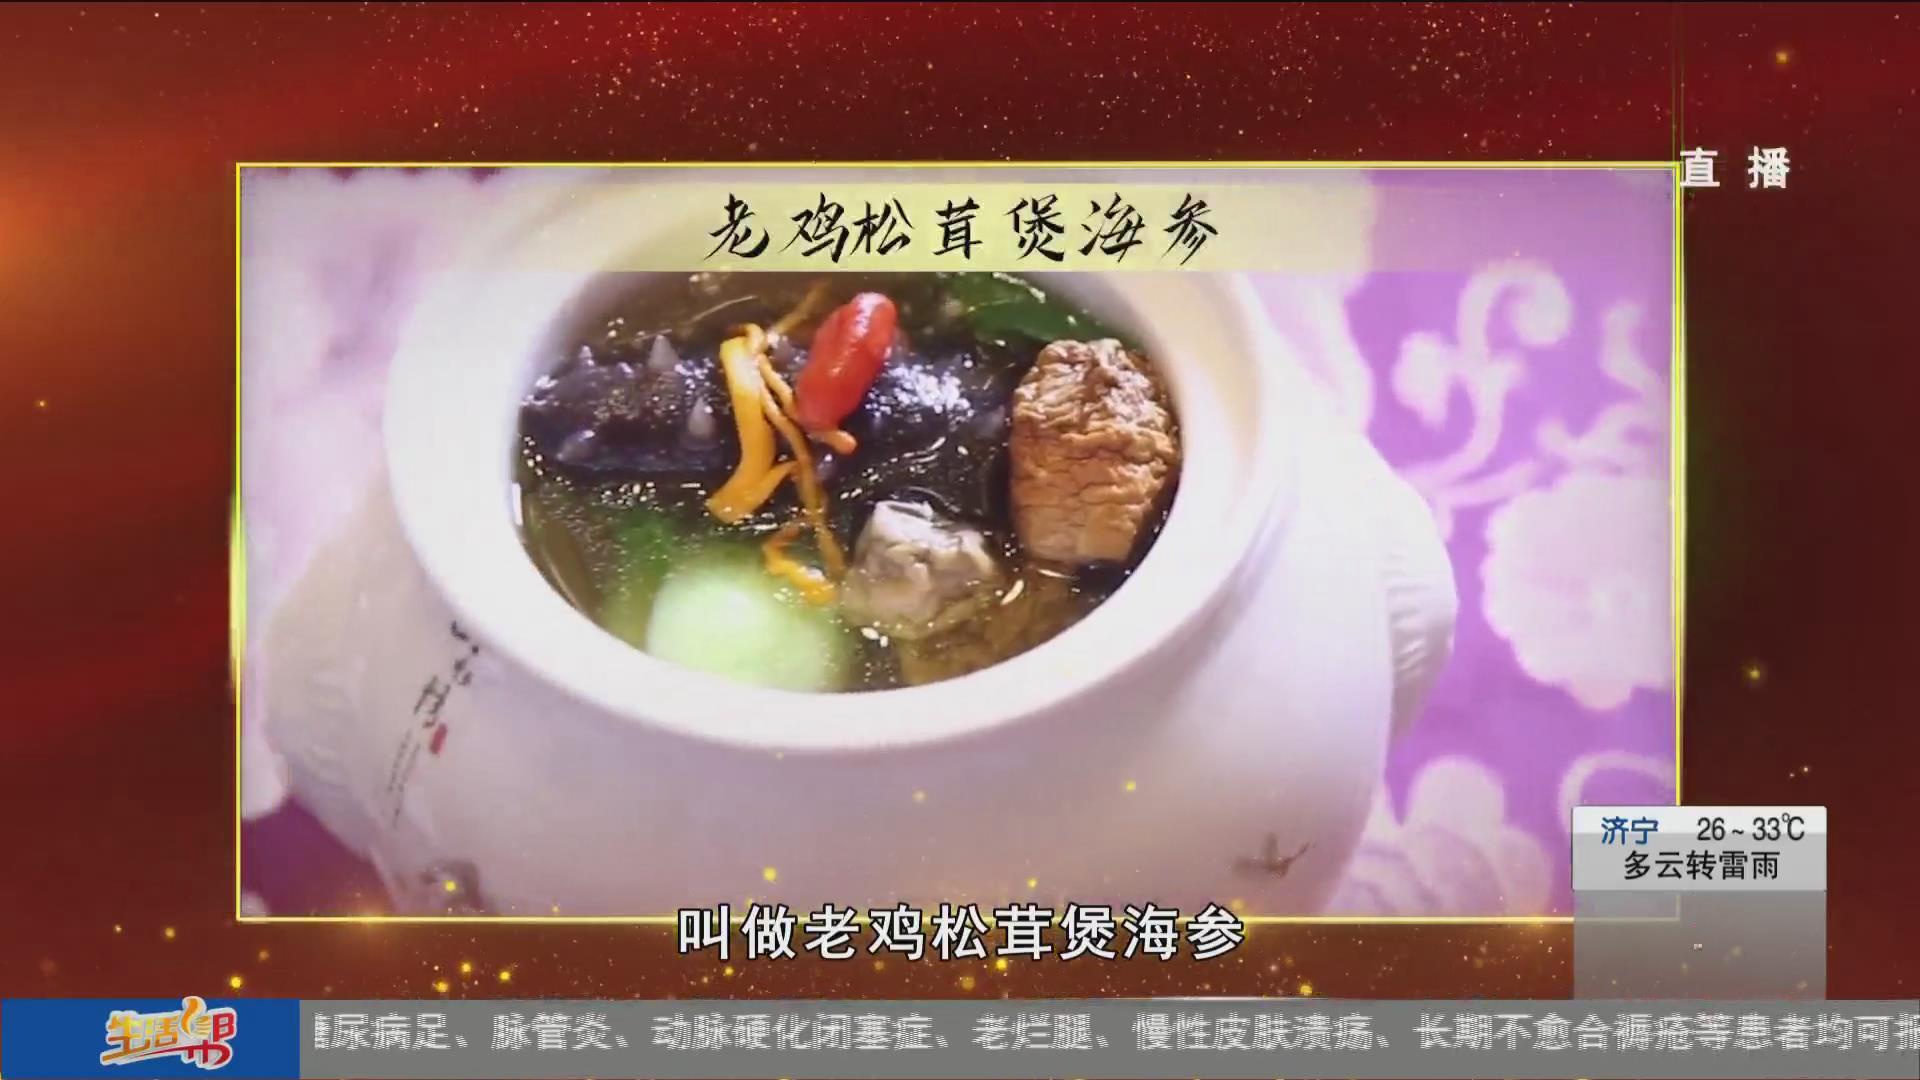 【难舍经典 山东味道】美食大赛冠军菜:清汤松茸煲海参